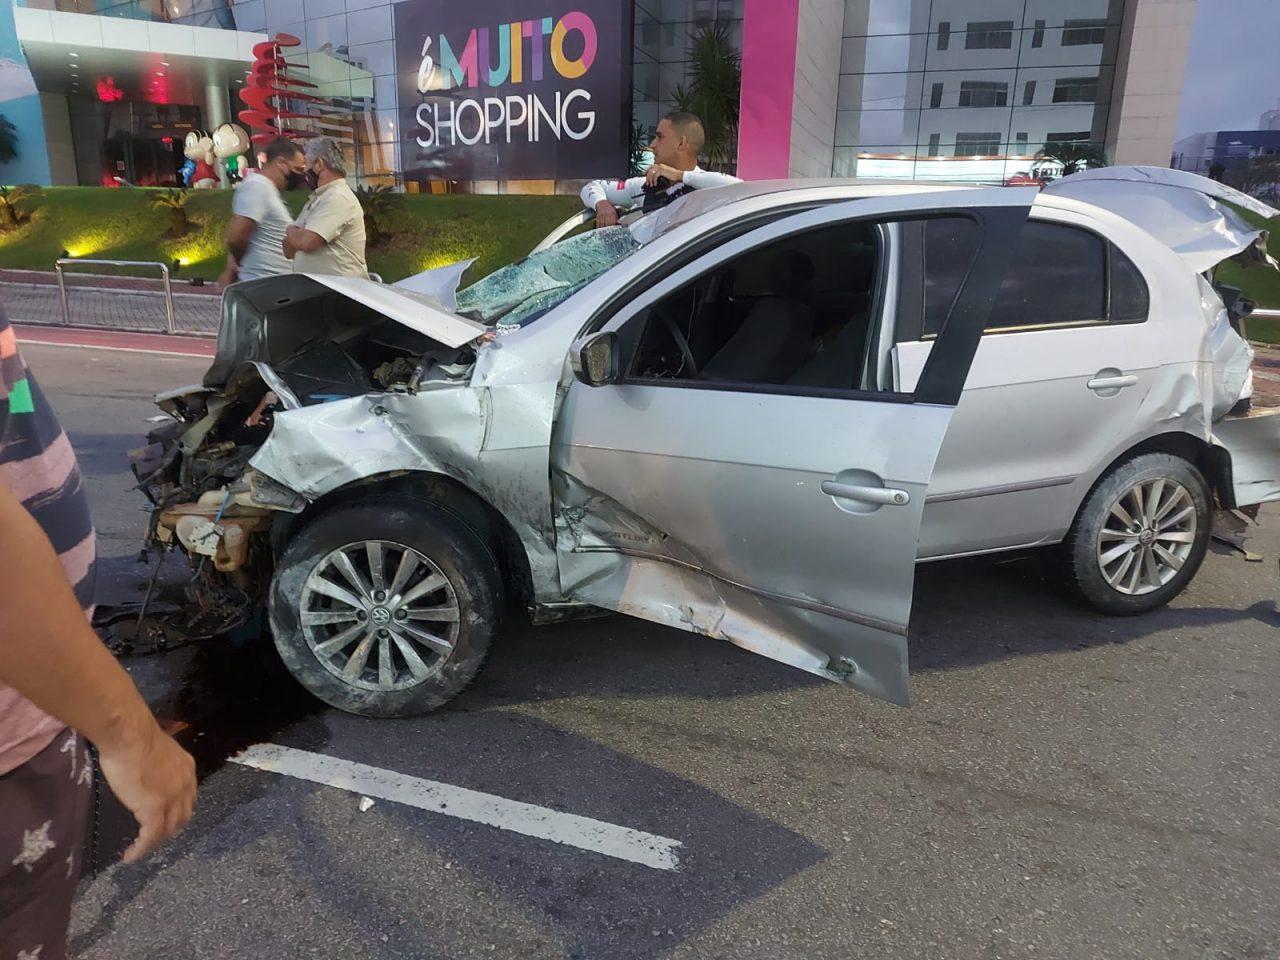 WhatsApp Image 2021 09 11 at 08.17.16 2 scaled - Polícia investiga se carro envolvido em acidente no Retão de Manaíra foi adulterado; colisão aconteceu a 163 km/h